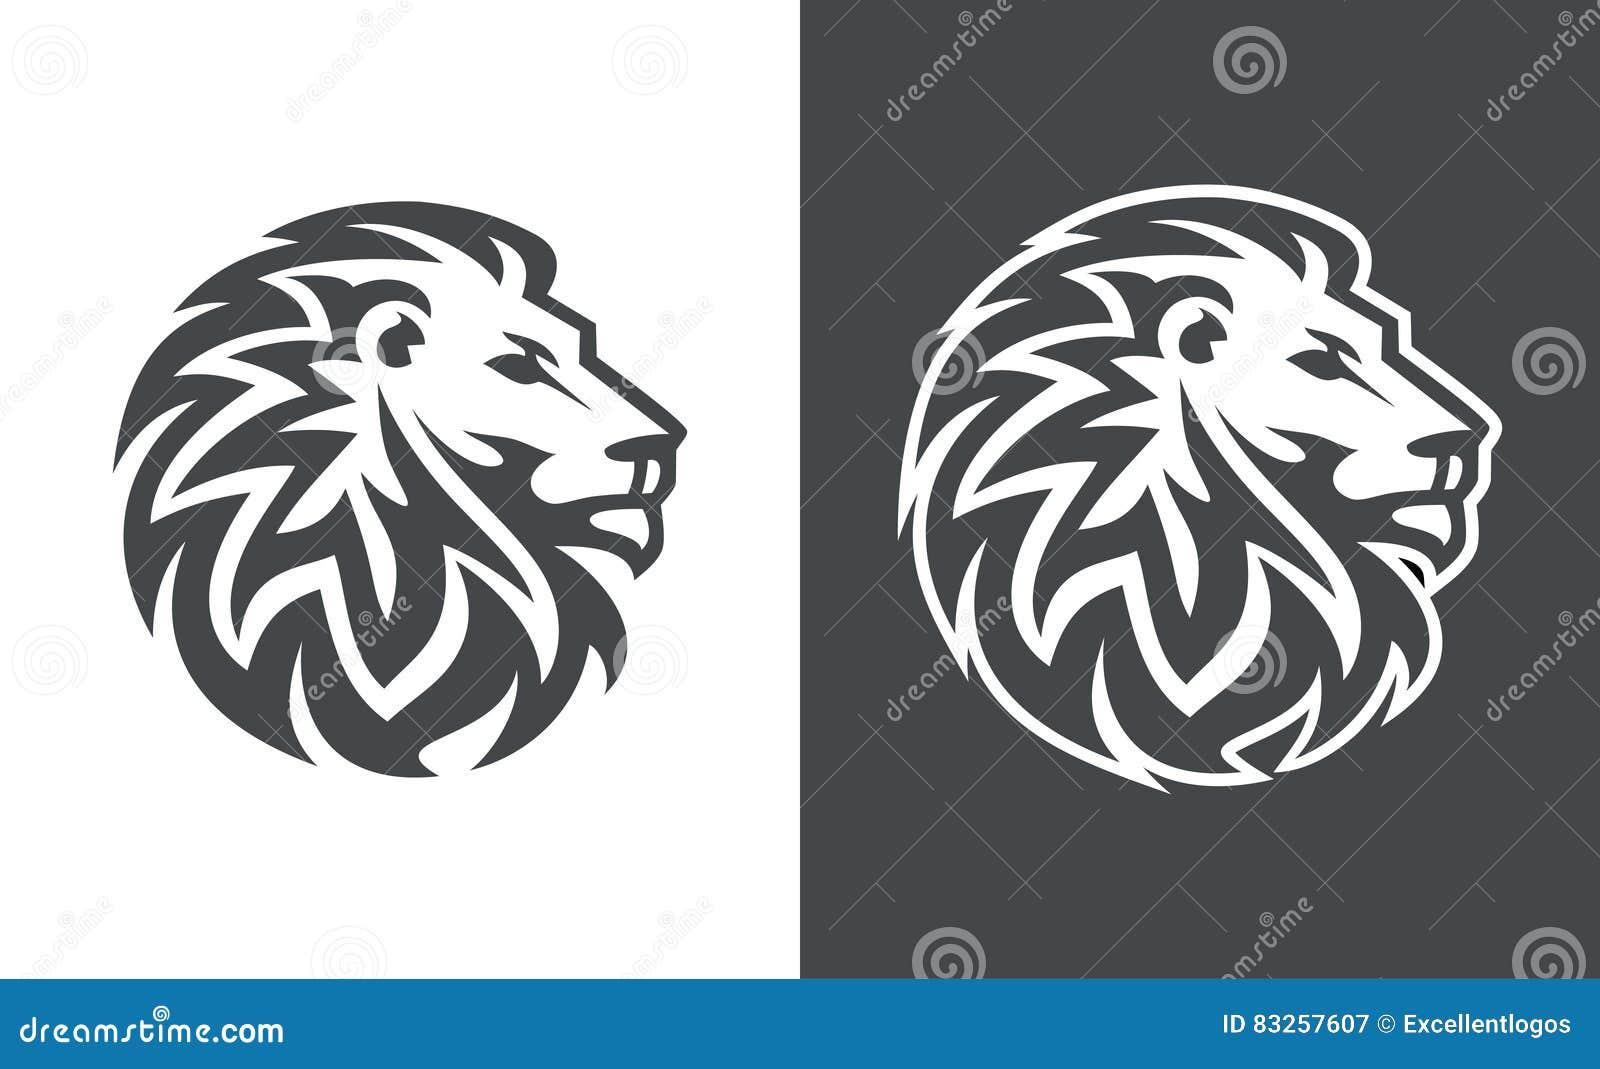 Lion Head Vector Logo Design Abstract Tiger Logo Stock